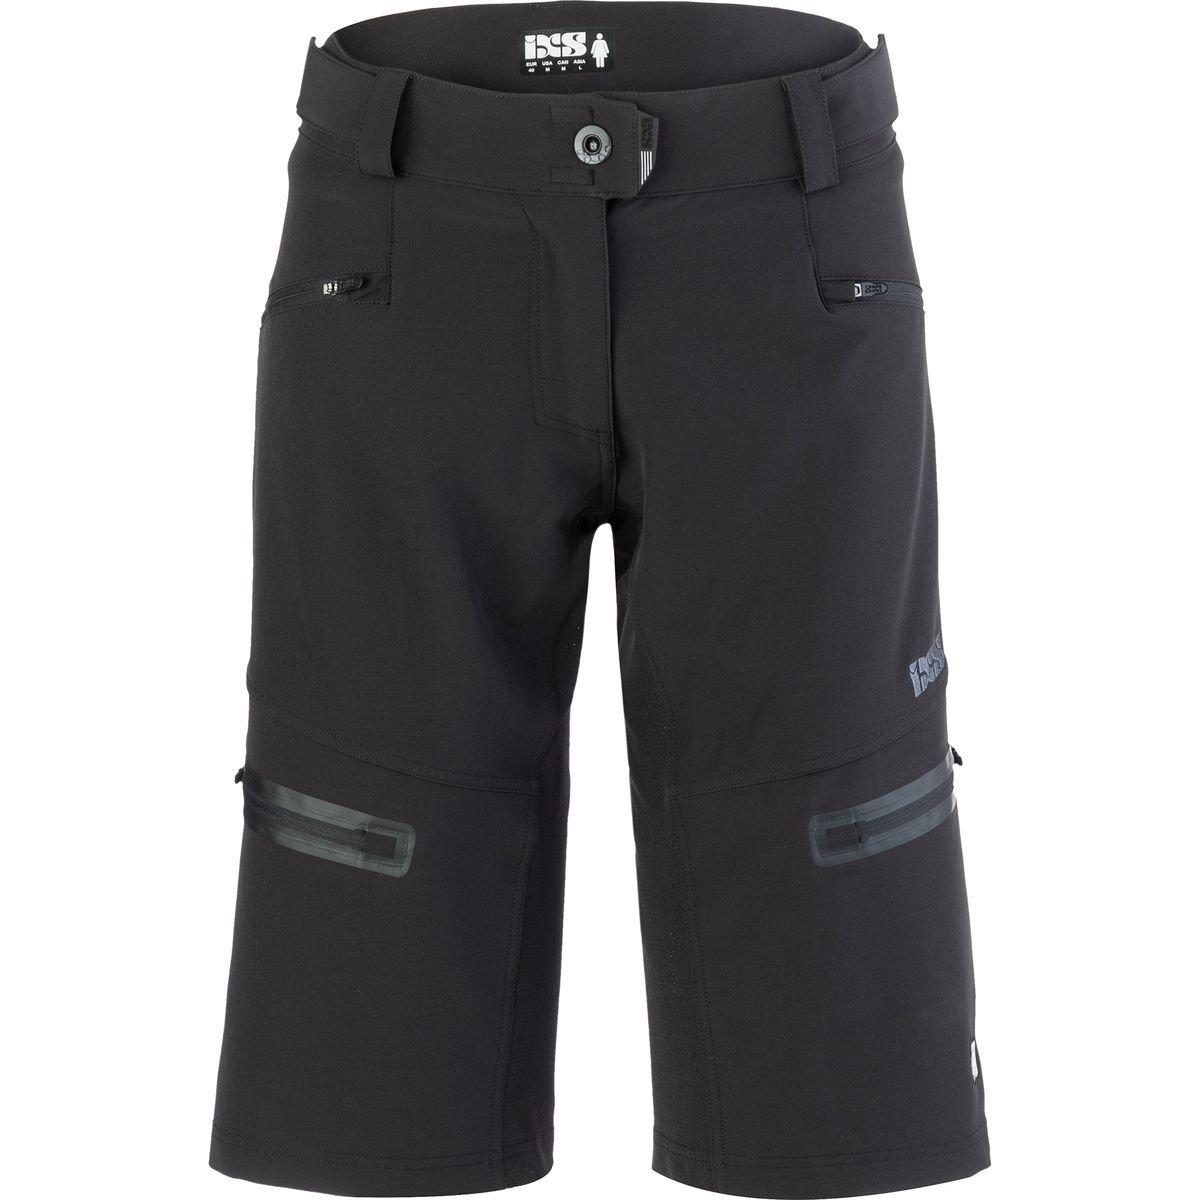 iXS Sever 6.1 Shorts - Women's Black, 38 by IXS (Image #1)